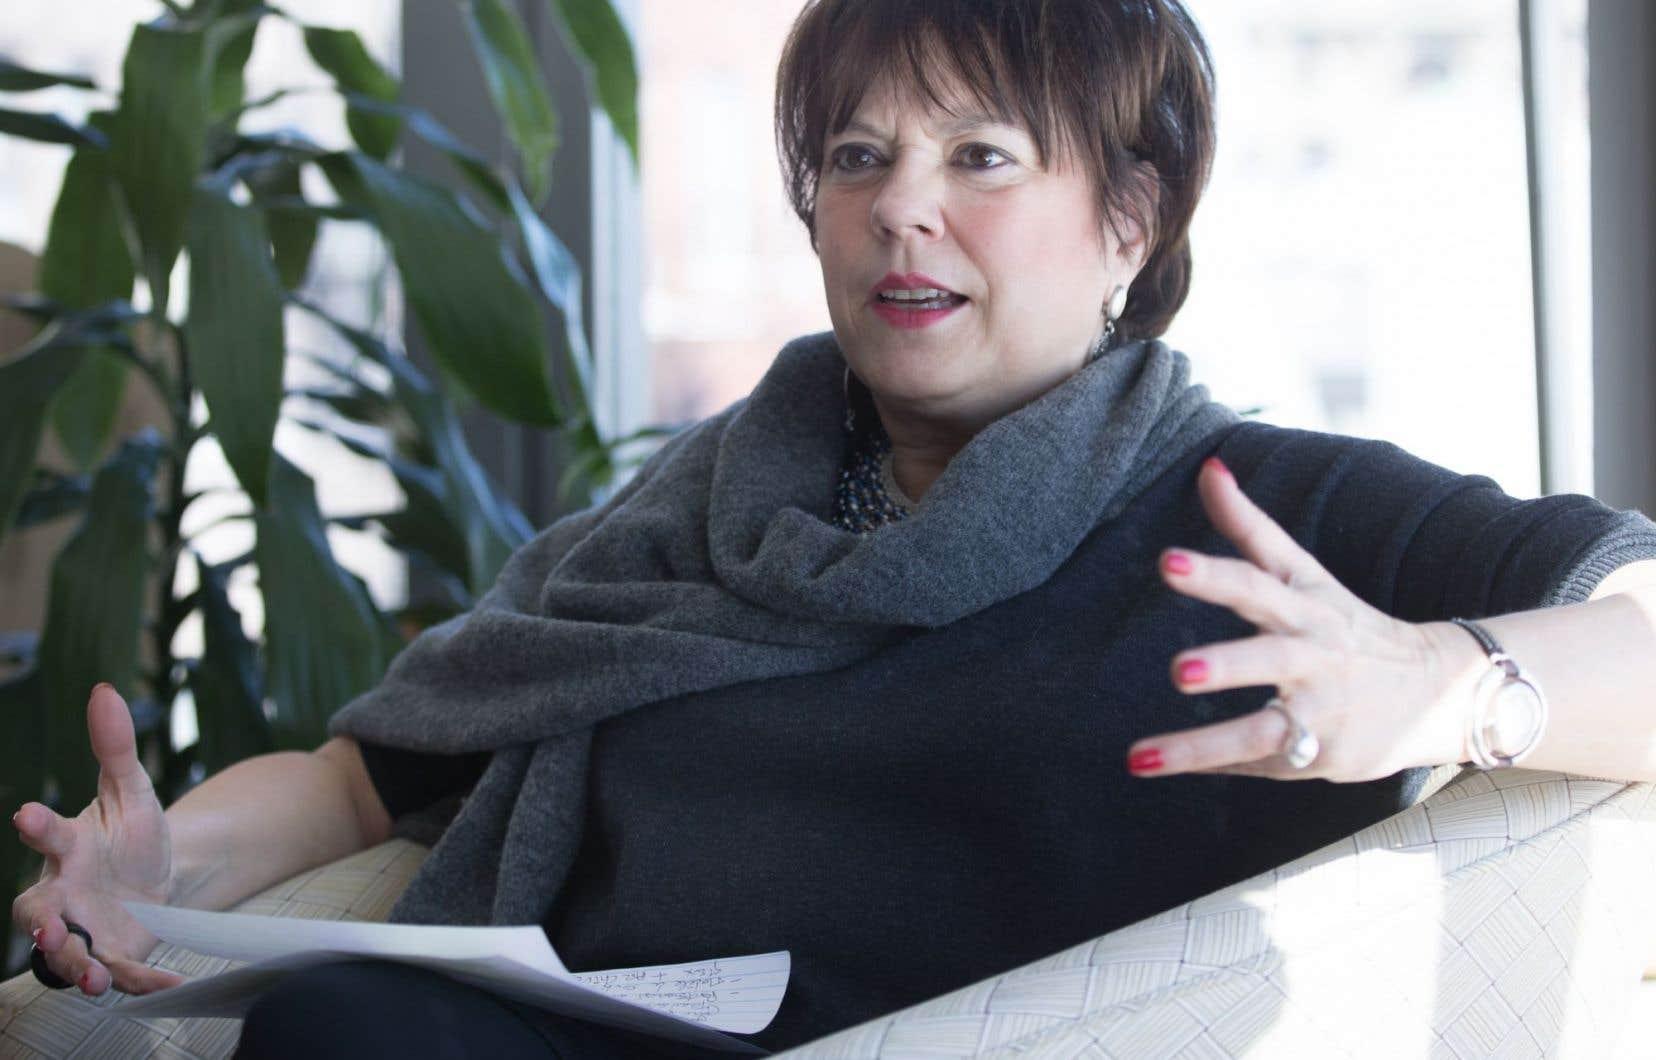 Hélène David a affirmé qu'elle avait rappelé récemment à ses collègues l'importance, pour leur ministère, d'acheter de la publicité dans les journaux régionaux, une source de revenus majeure pour ces publications.